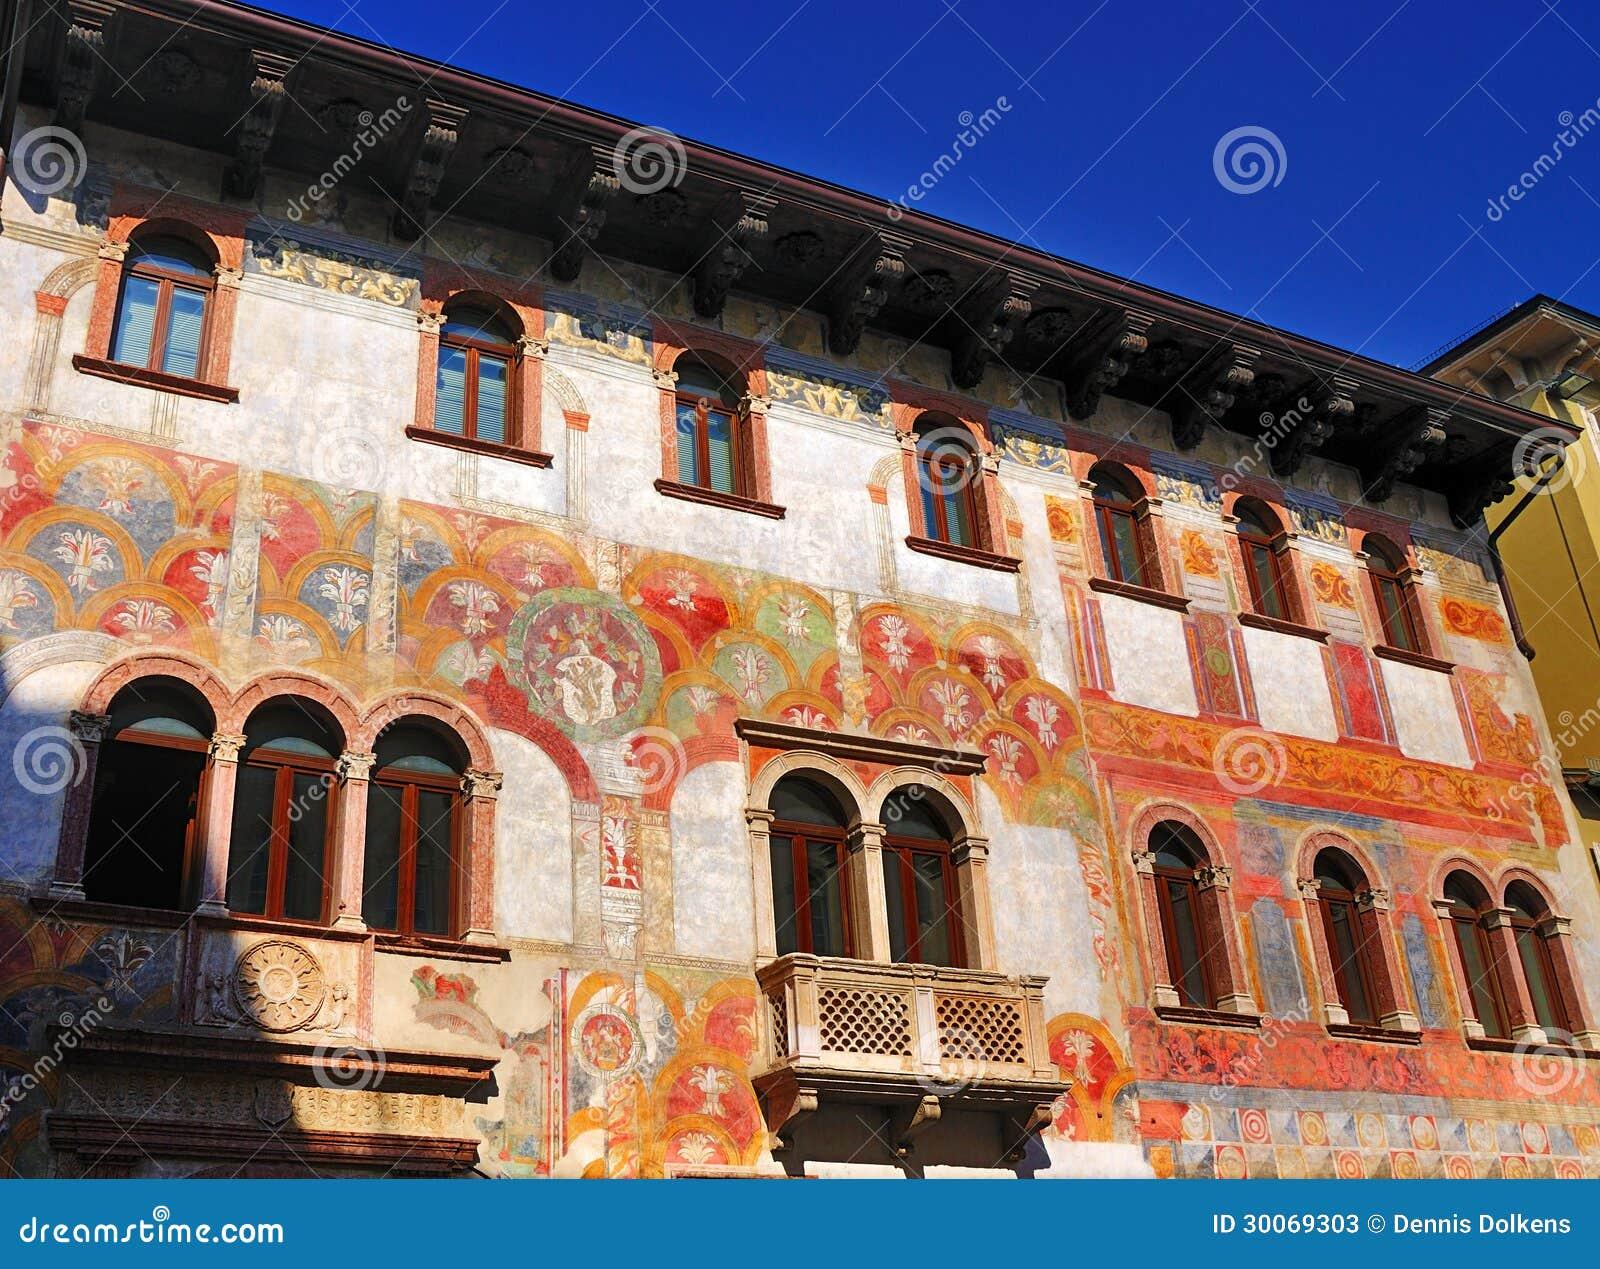 Huizen met Fresko s, Trento, Italië.